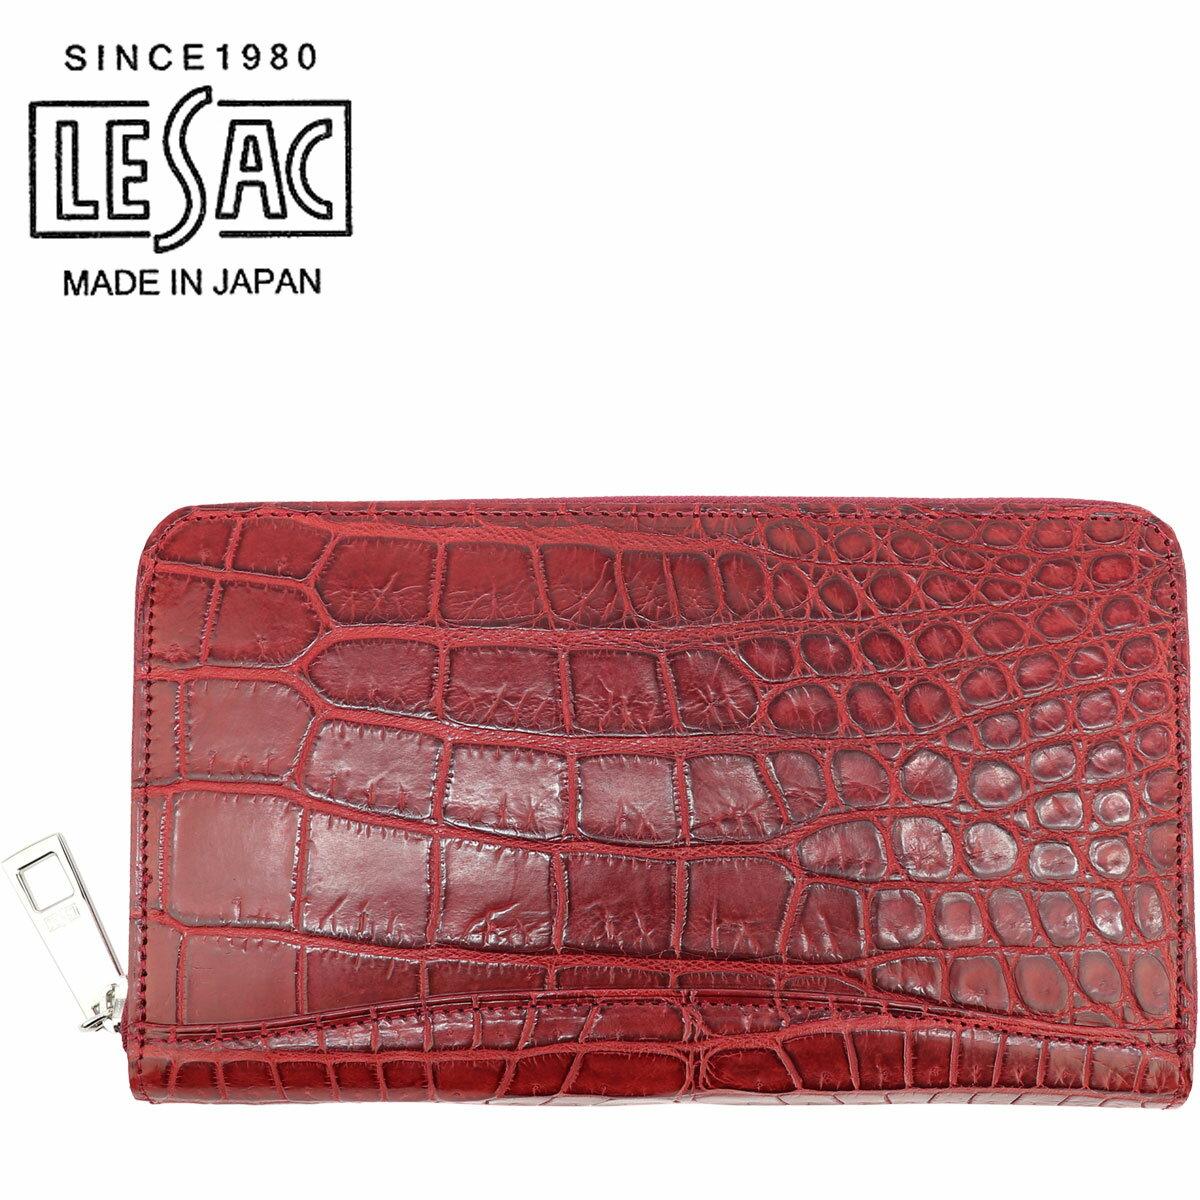 財布・ケース, メンズ財布 LESAC 8129